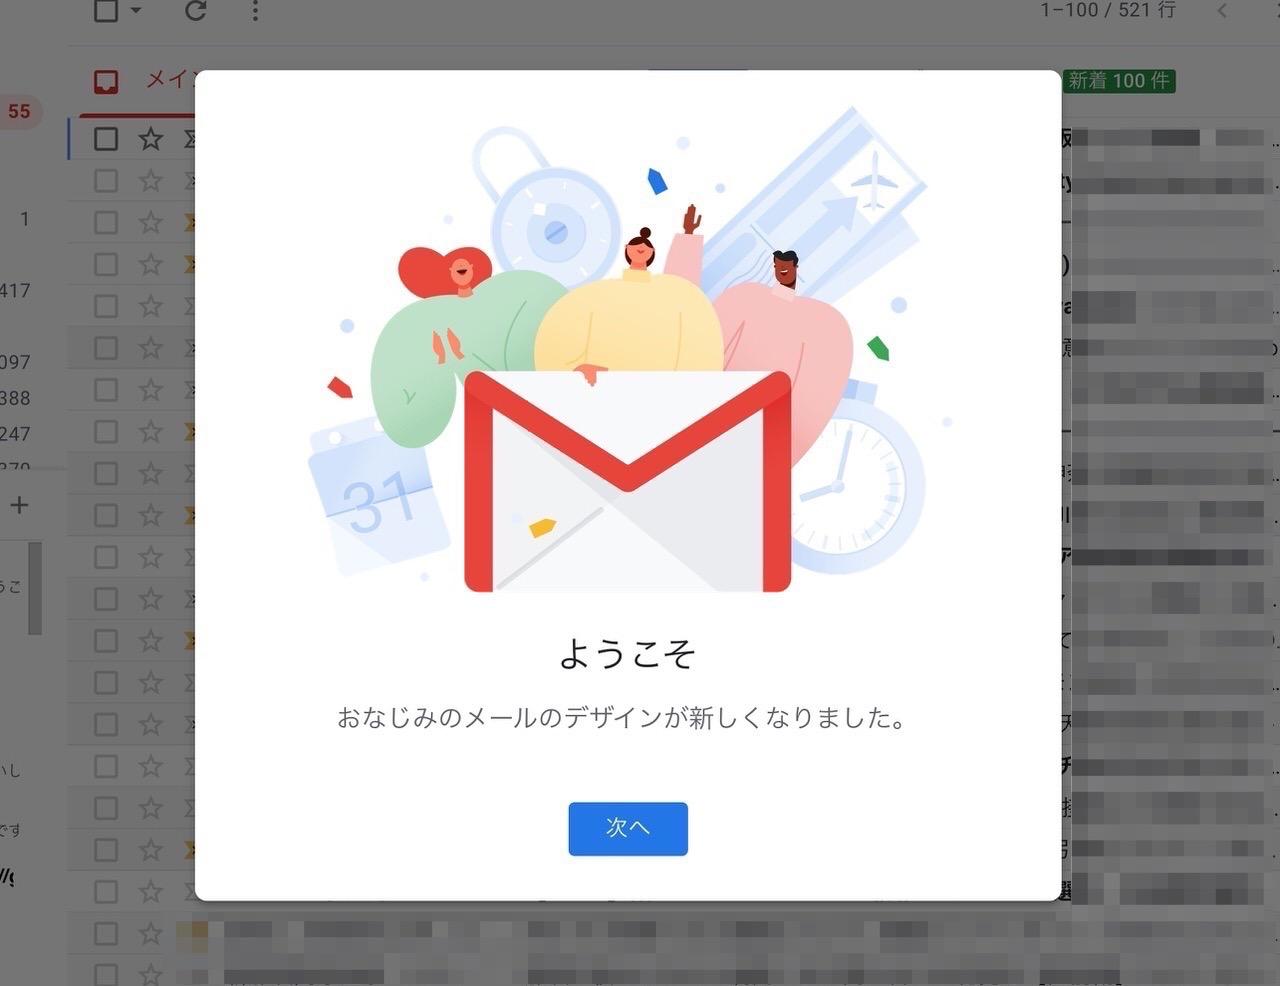 Googleが「Gmail」を大規模アップデート 〜受信トレイから多くの機能に簡単アクセス